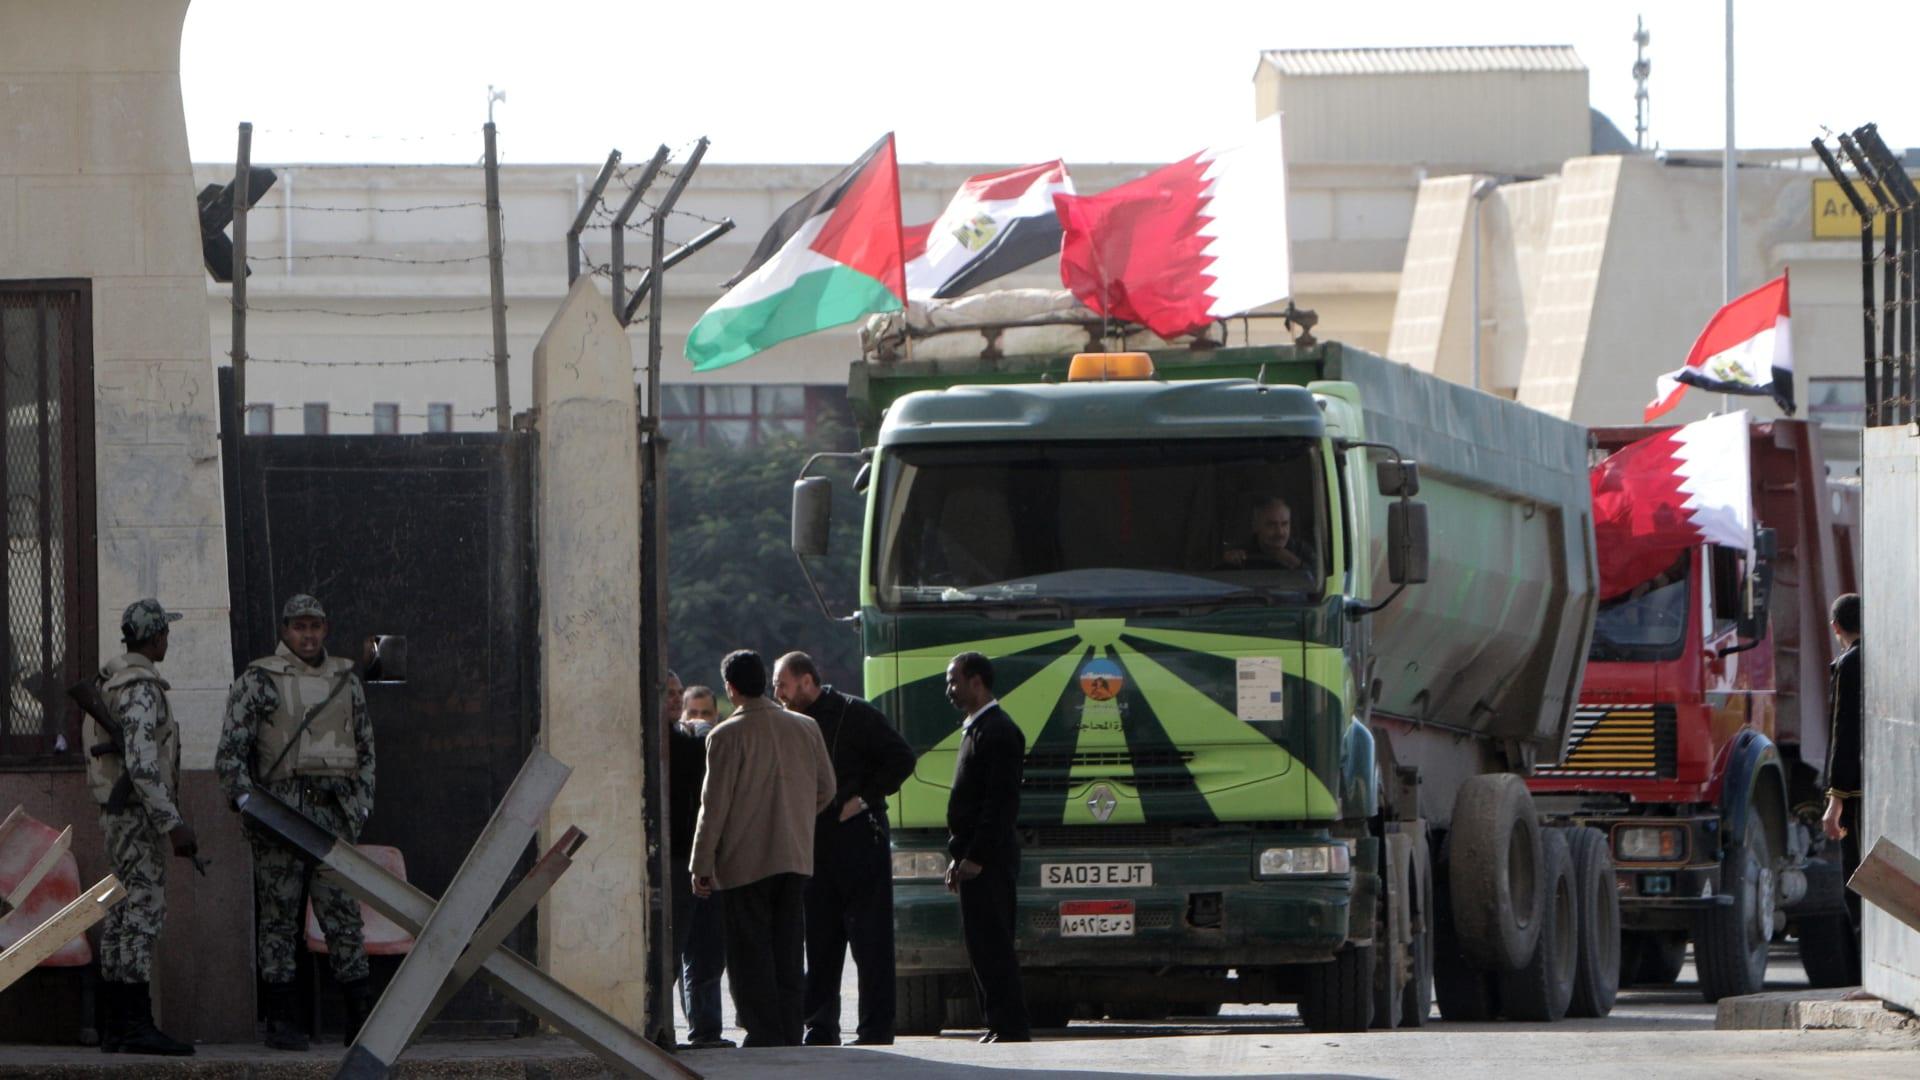 شاحنة مصرية محملة بالحصى تستعد للدخول عبر معبر رفح الحدودي بين مصر وقطاع غزة في جنوب قطاع غزة في 29 ديسمبر 2012